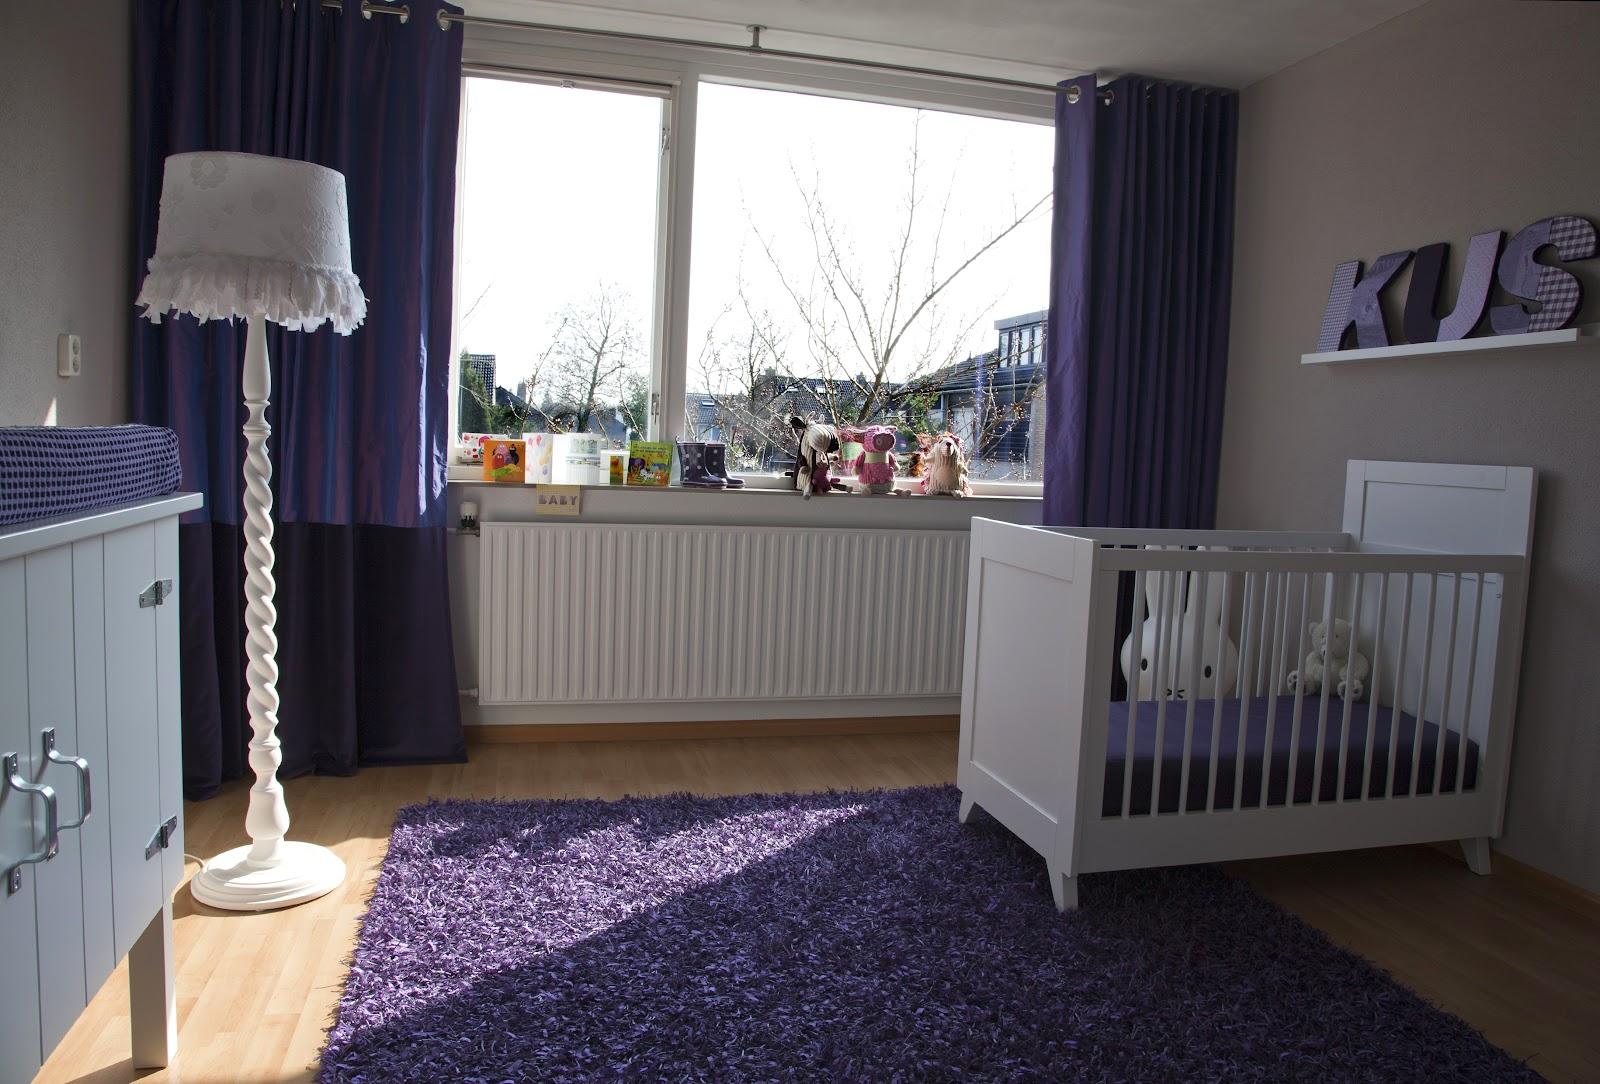 Marcel en esther adoptieblog kinderkamer - Babykamer schilderij idee ...